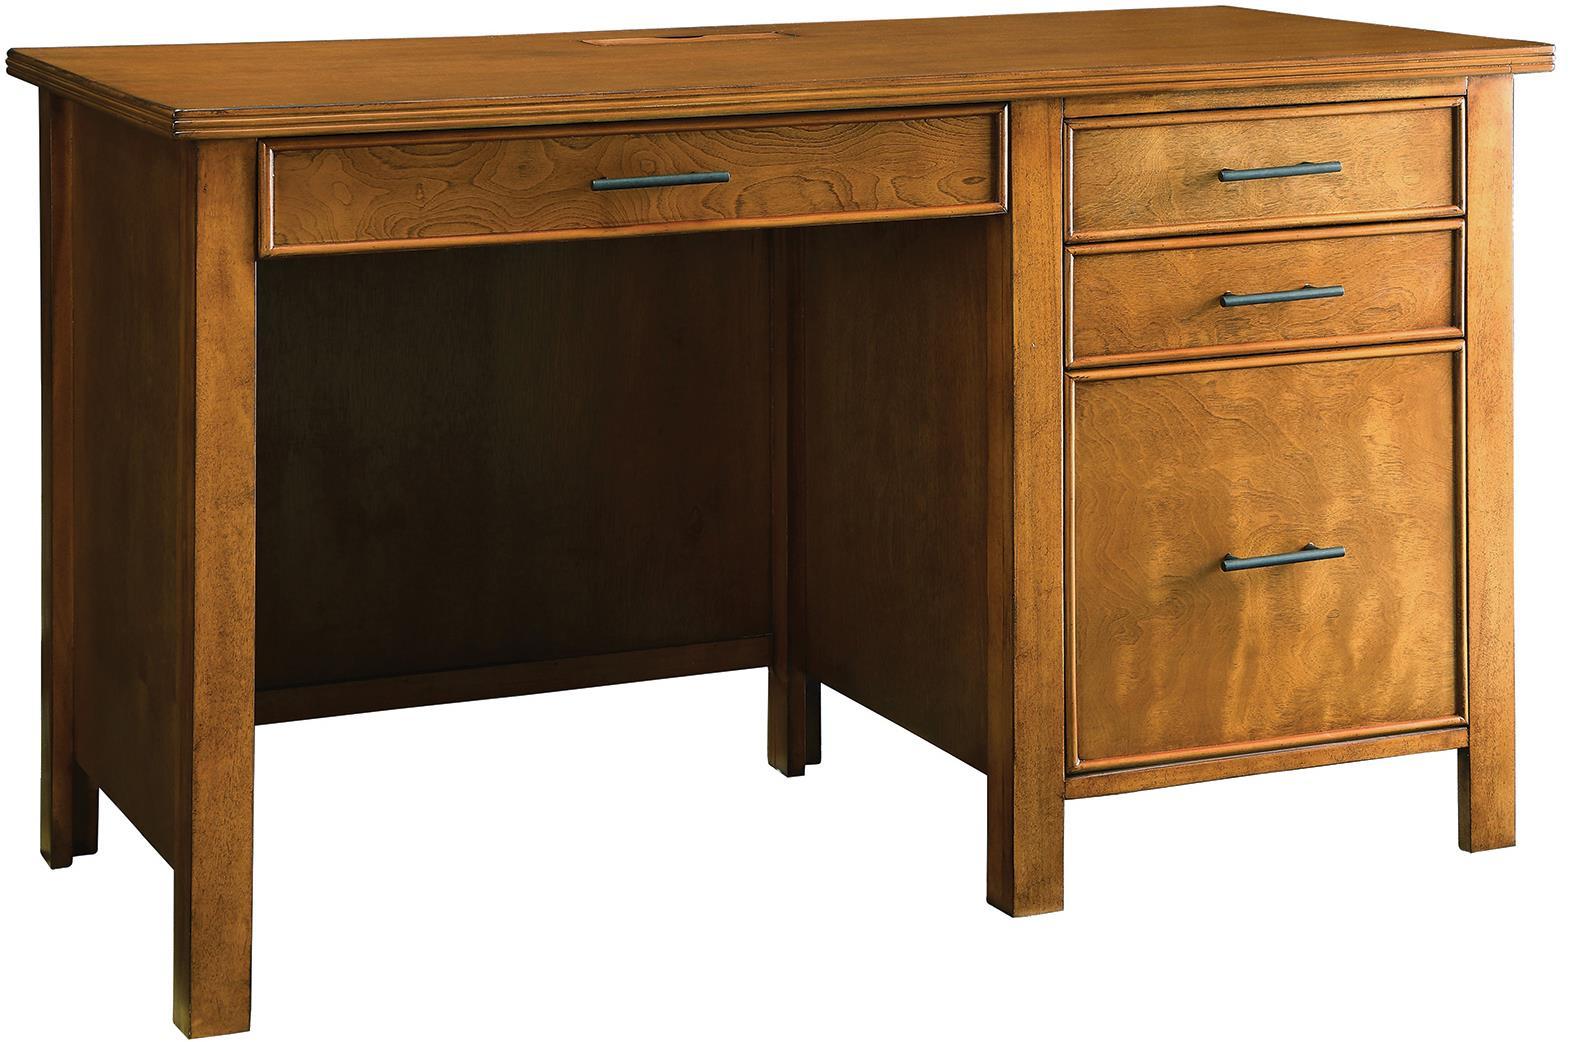 Coaster Desks Writing Desk - Item Number: 801198